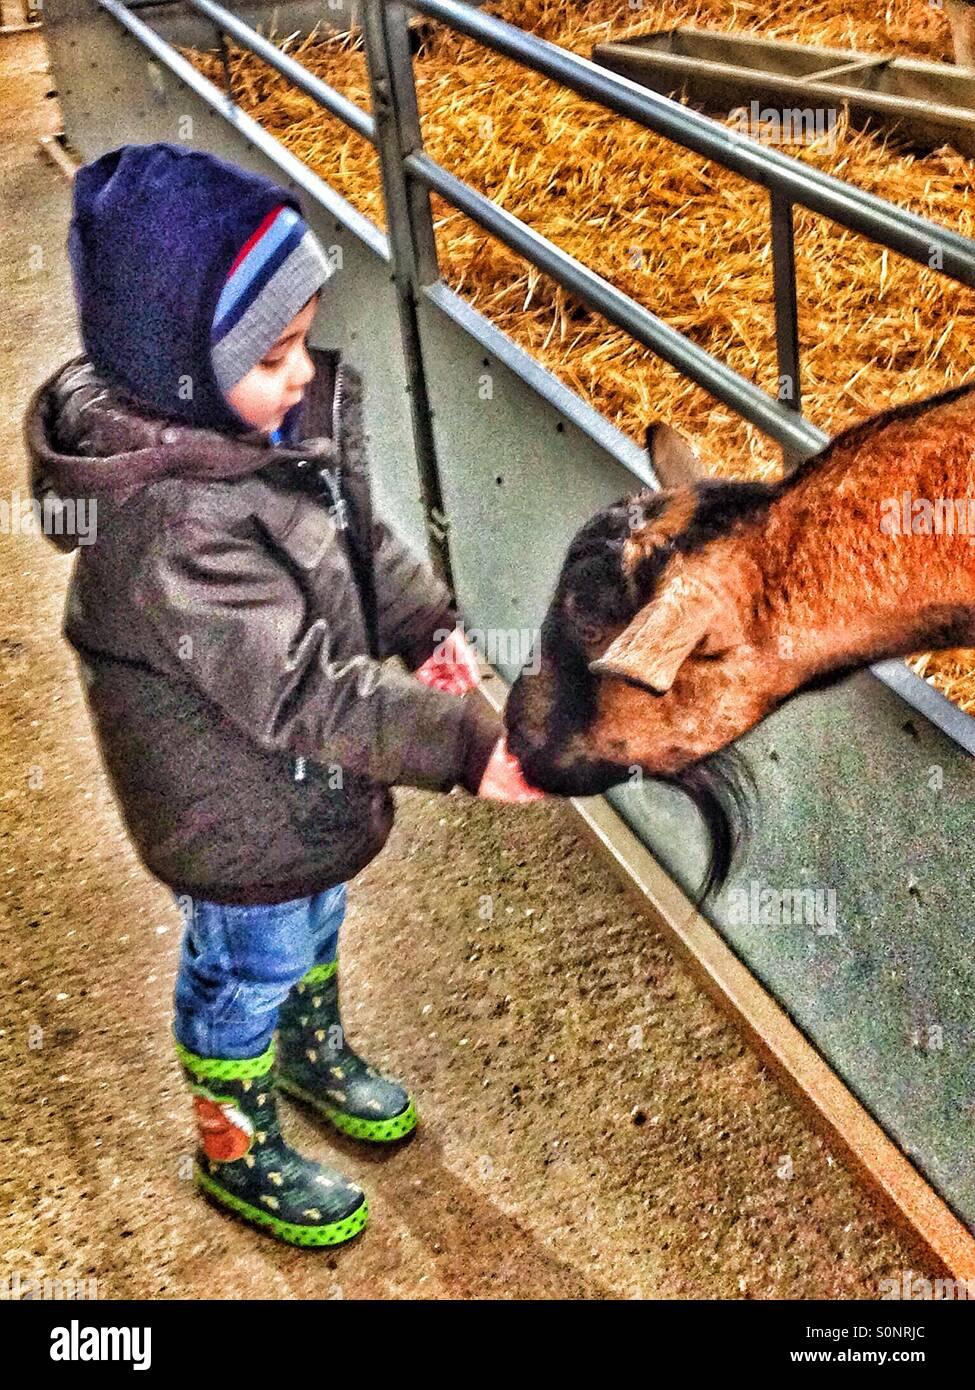 Joven alimentando una cabra. Imagen De Stock